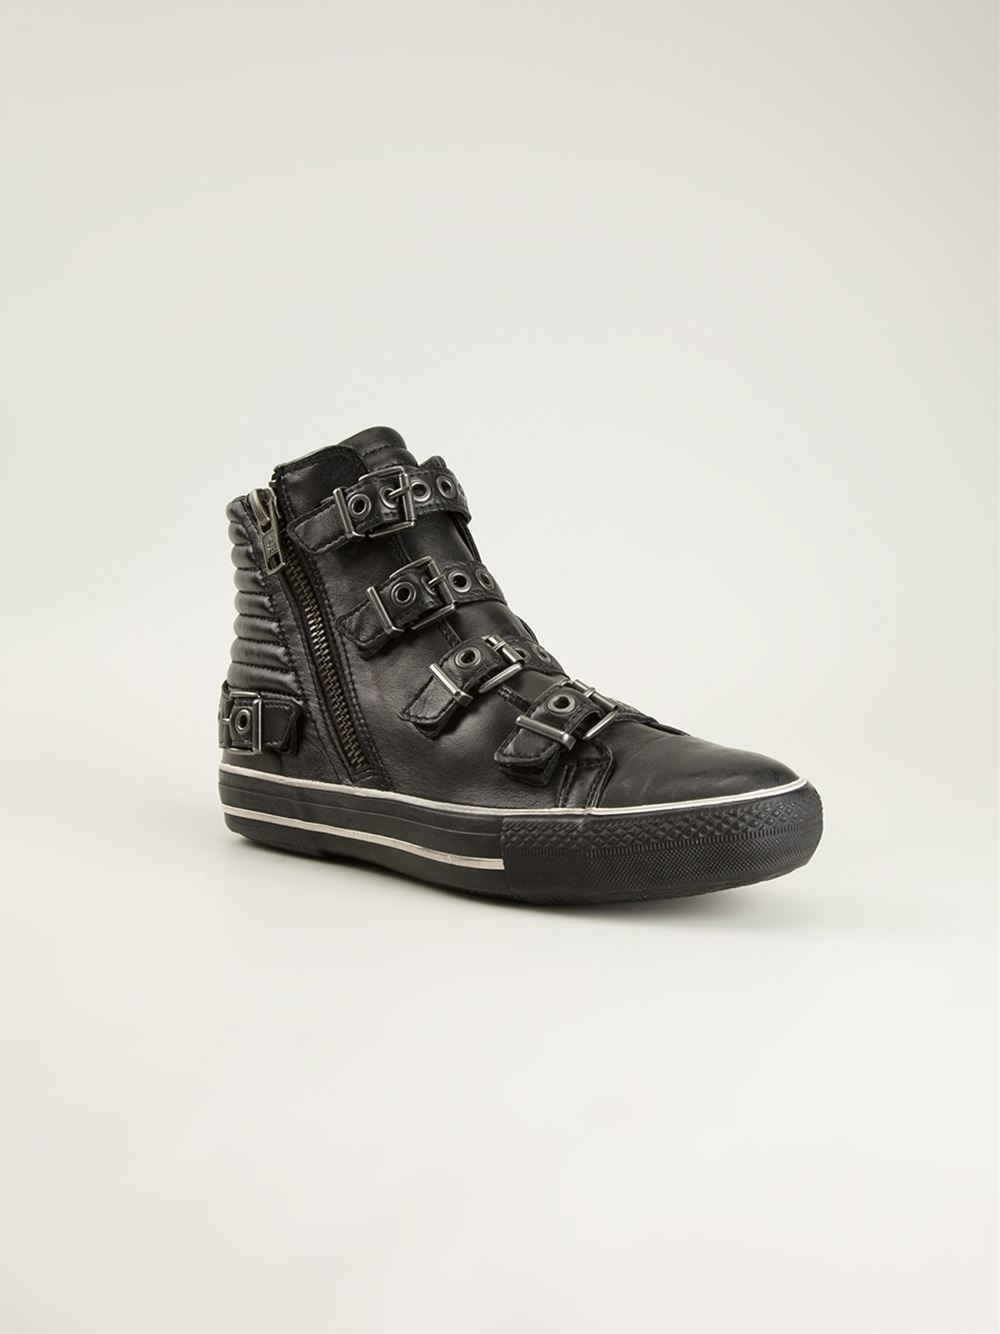 Ash Buckled Sneakers in Black